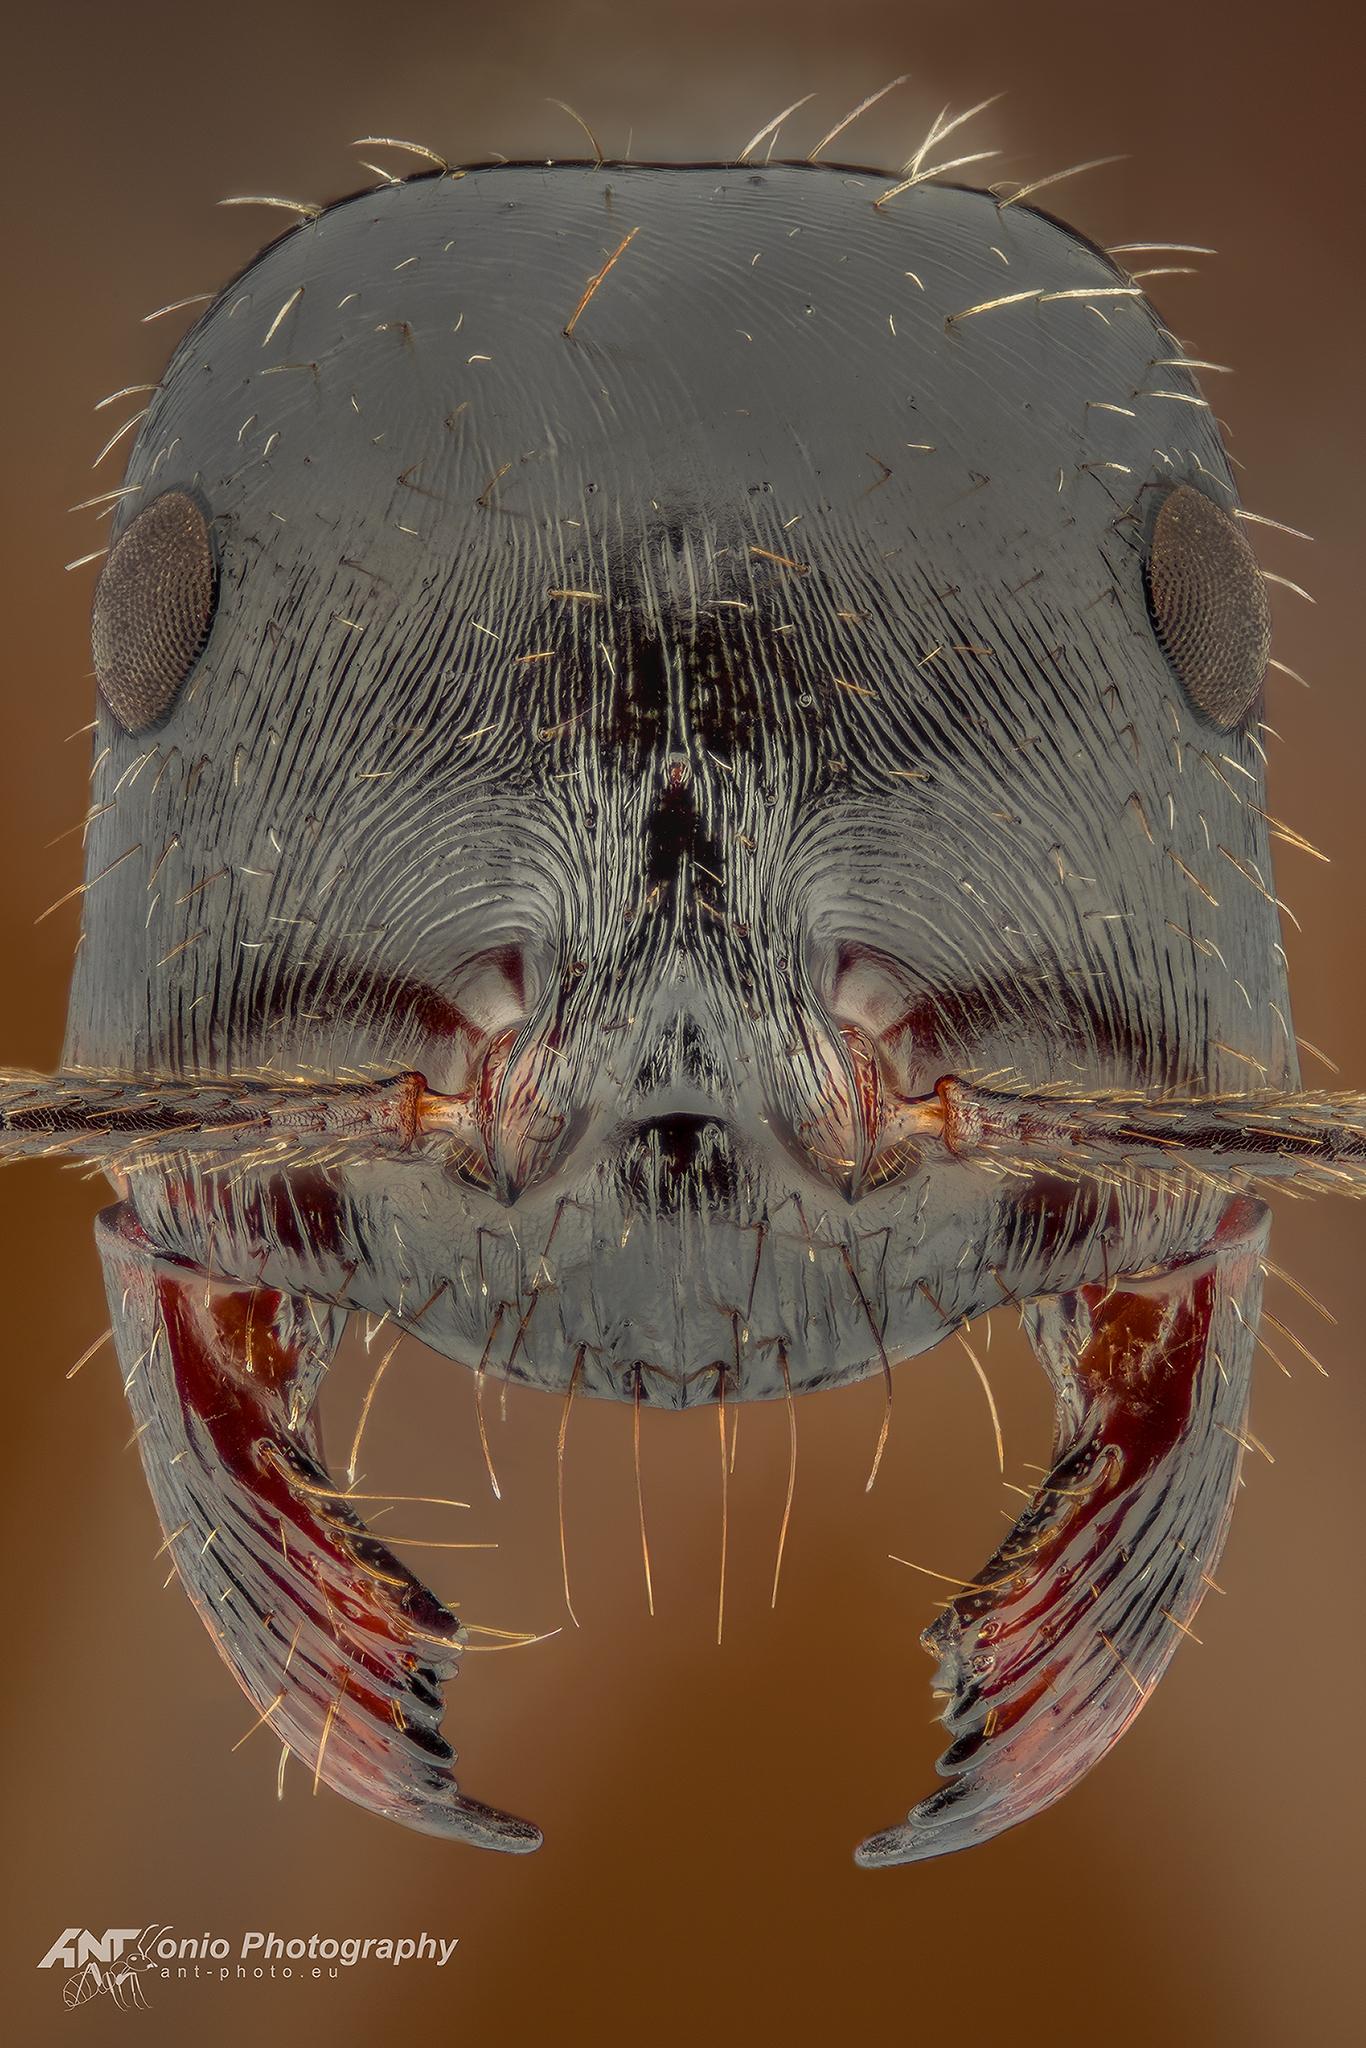 Ant Ocomyrmex zekhem